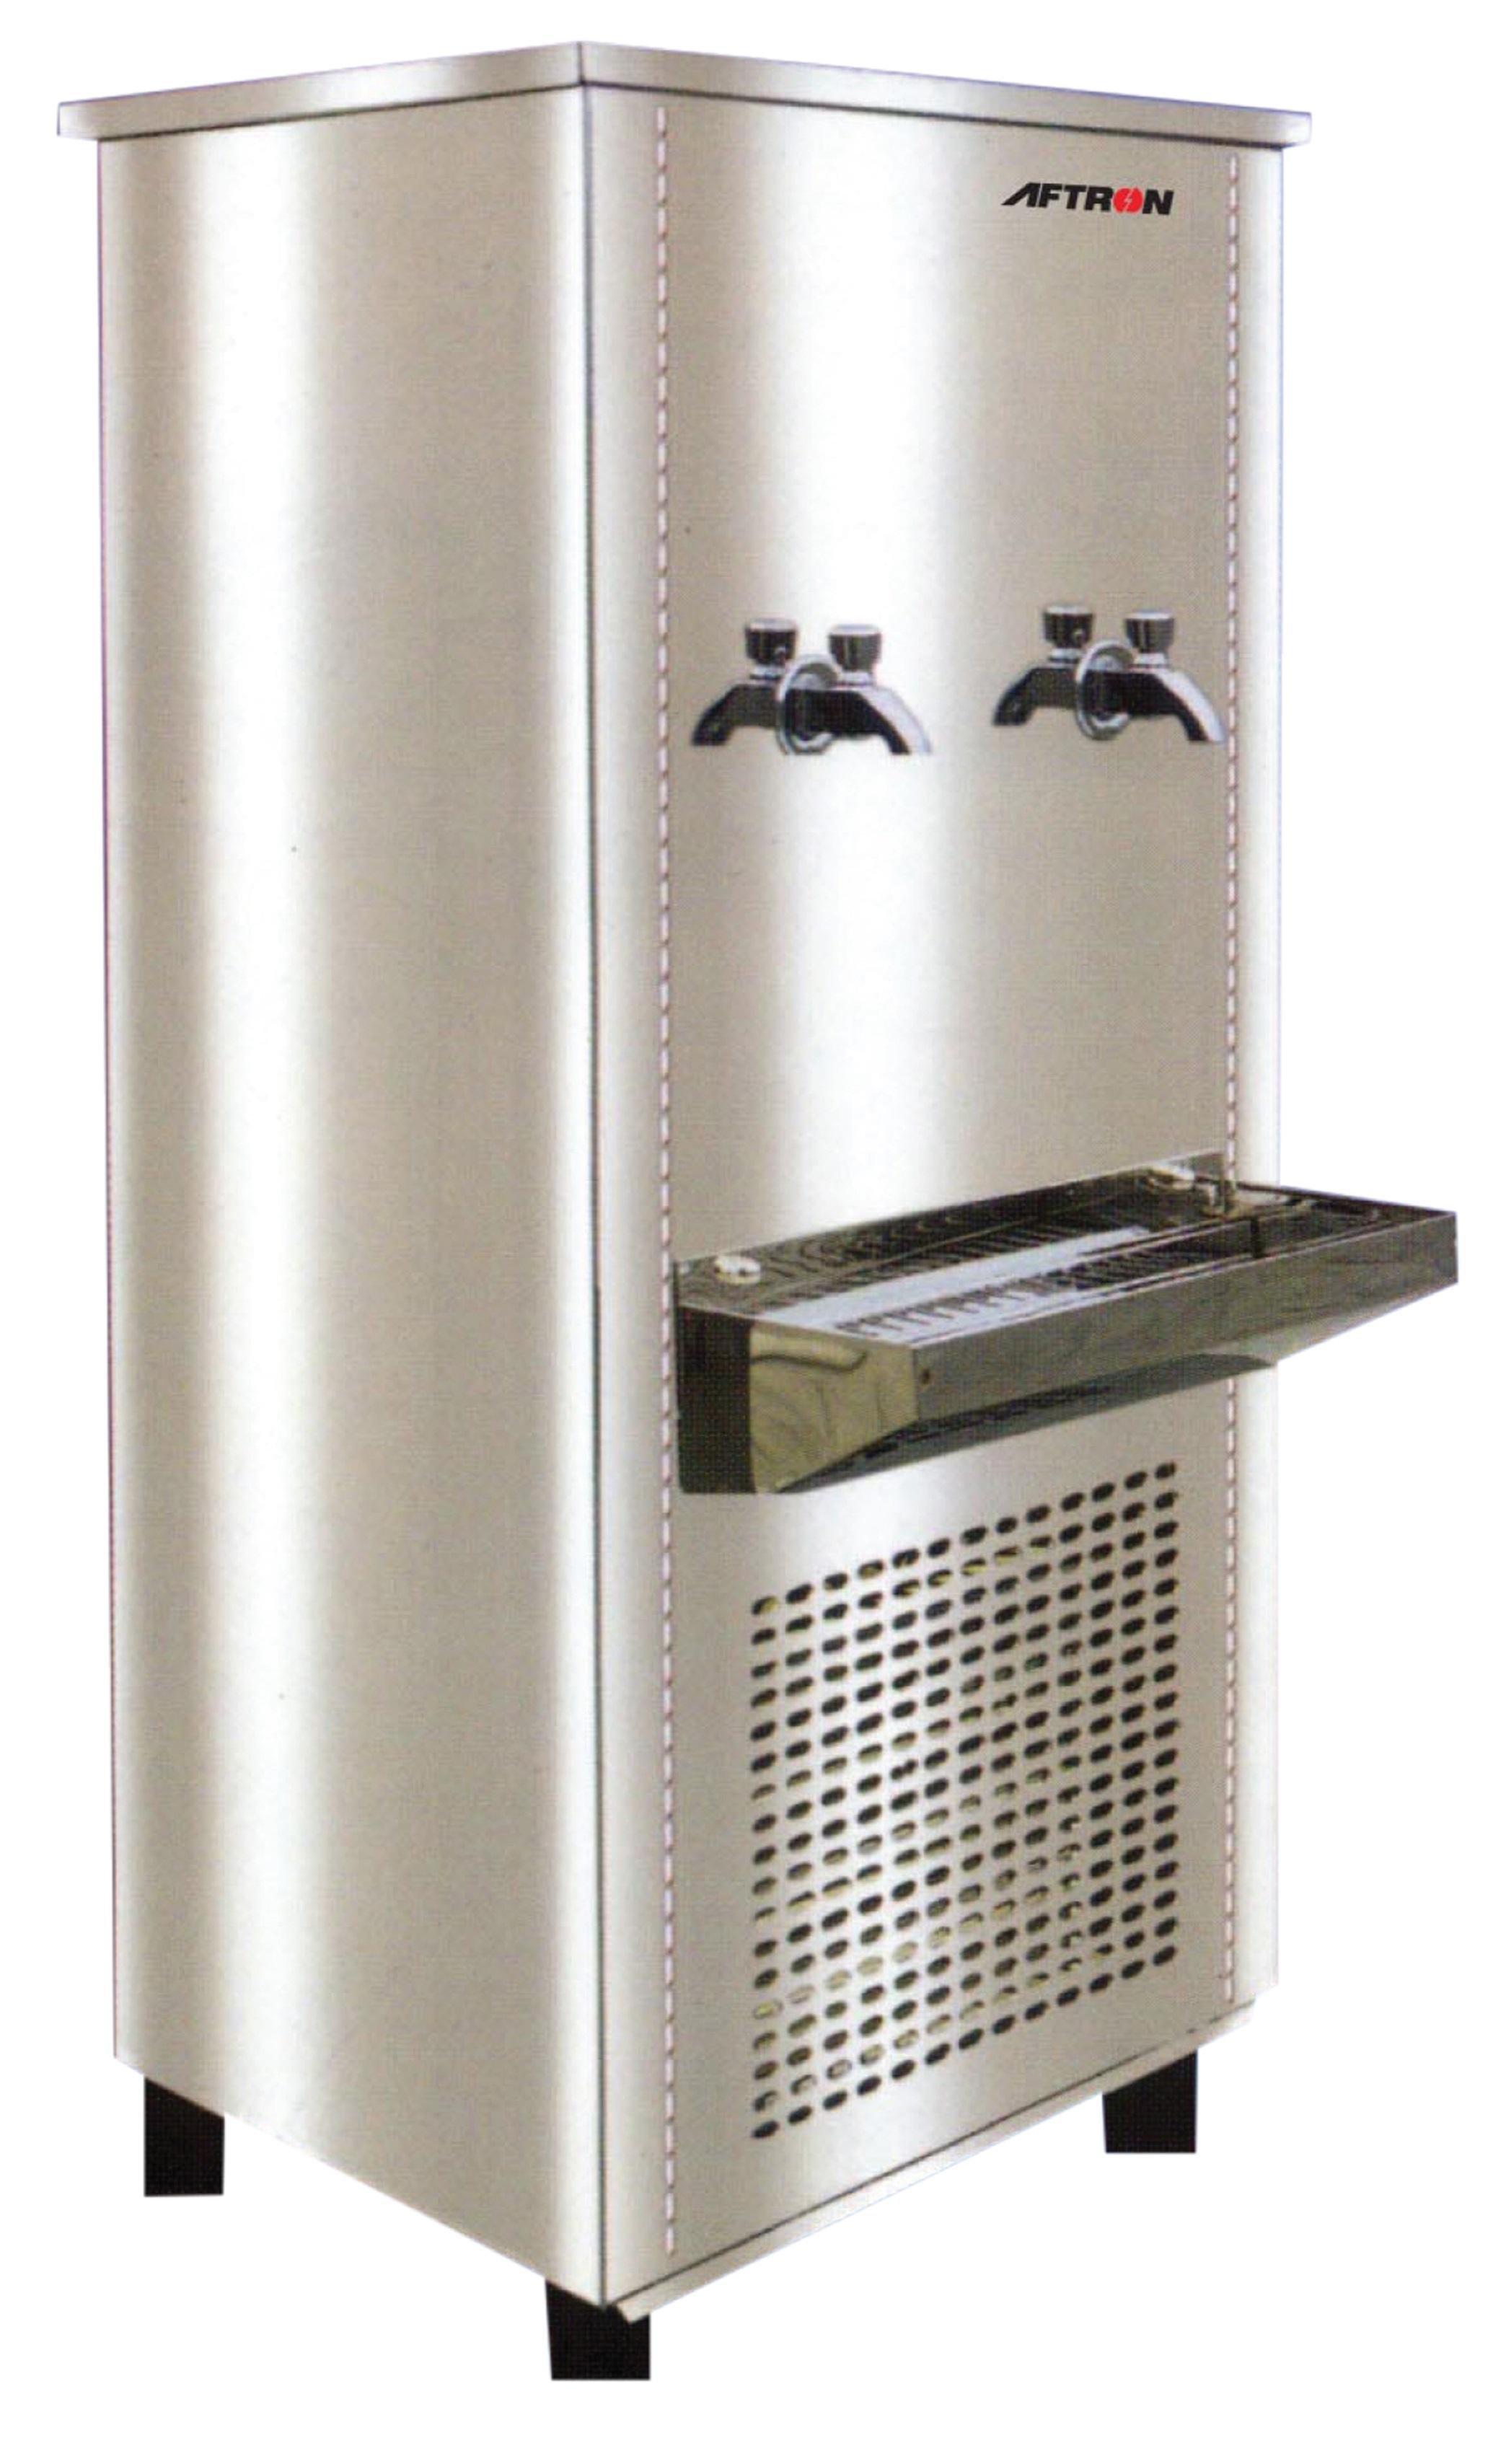 Aftron 35 USG 2 Taps Water Cooler, AFDT33 T2